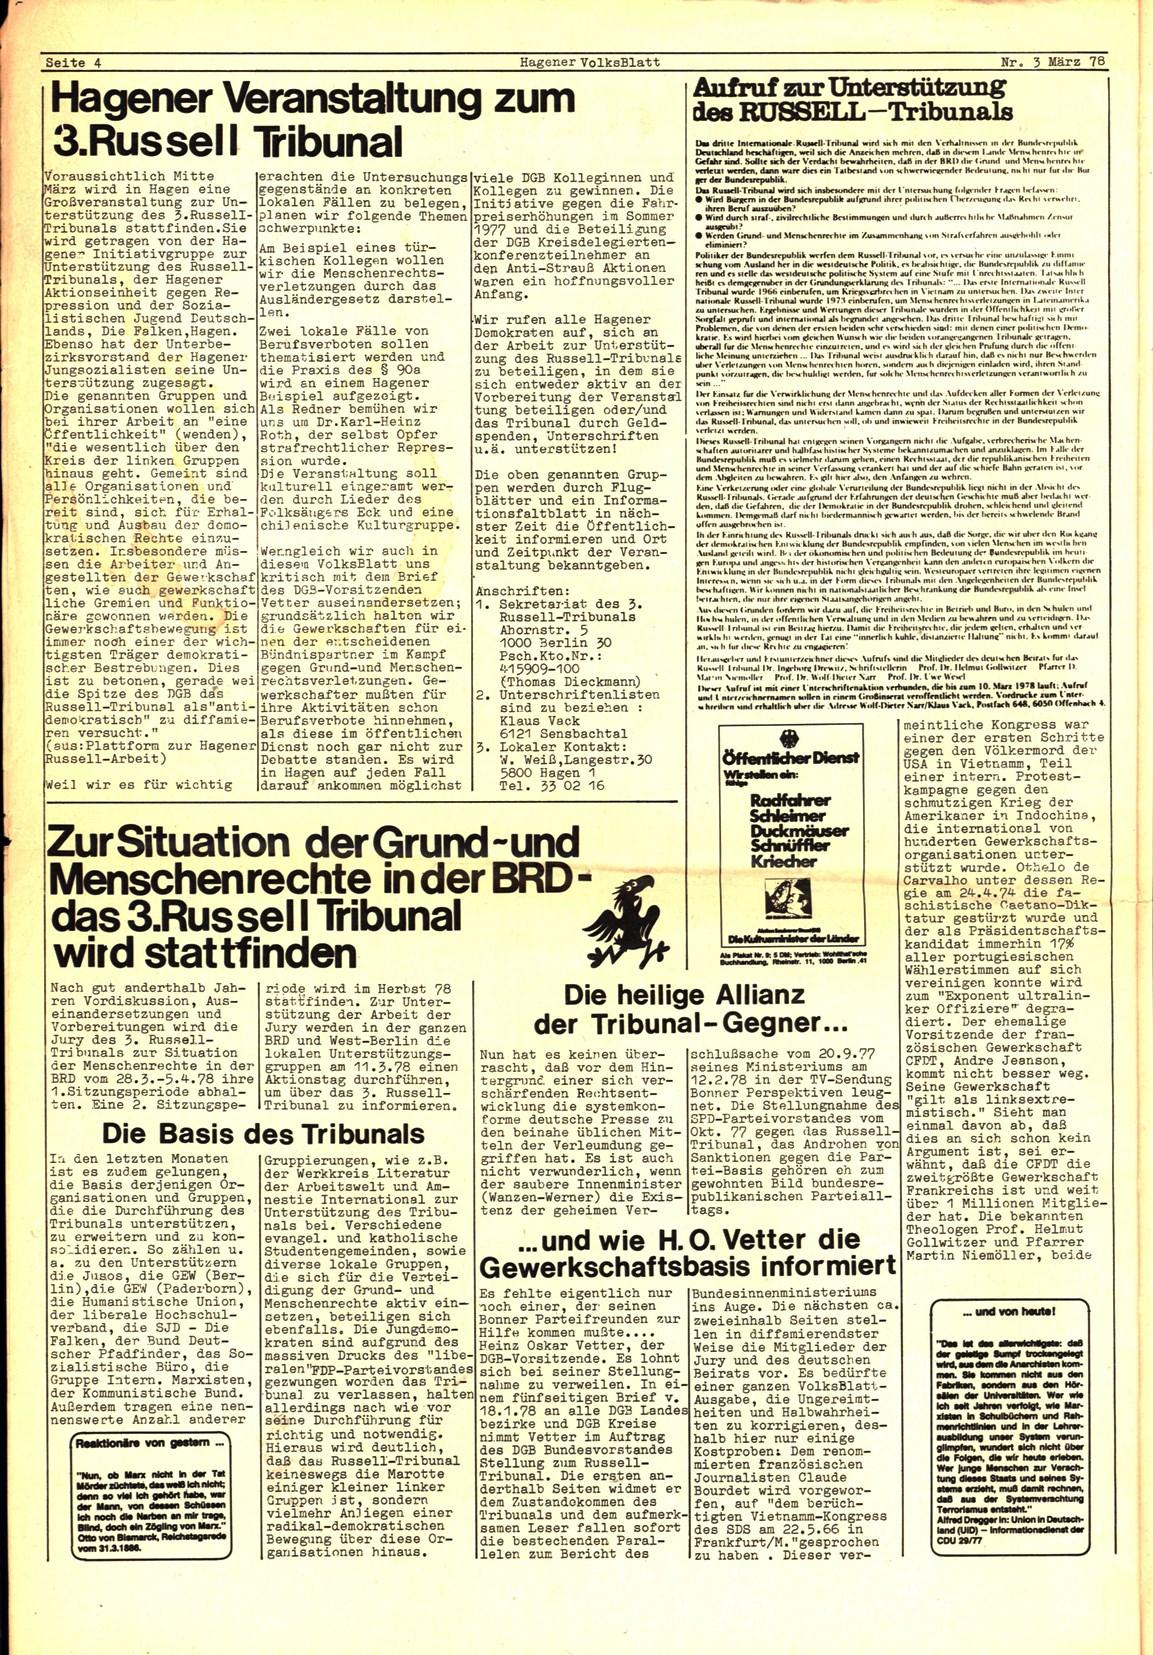 Hagen_Volksblatt_19780300_04